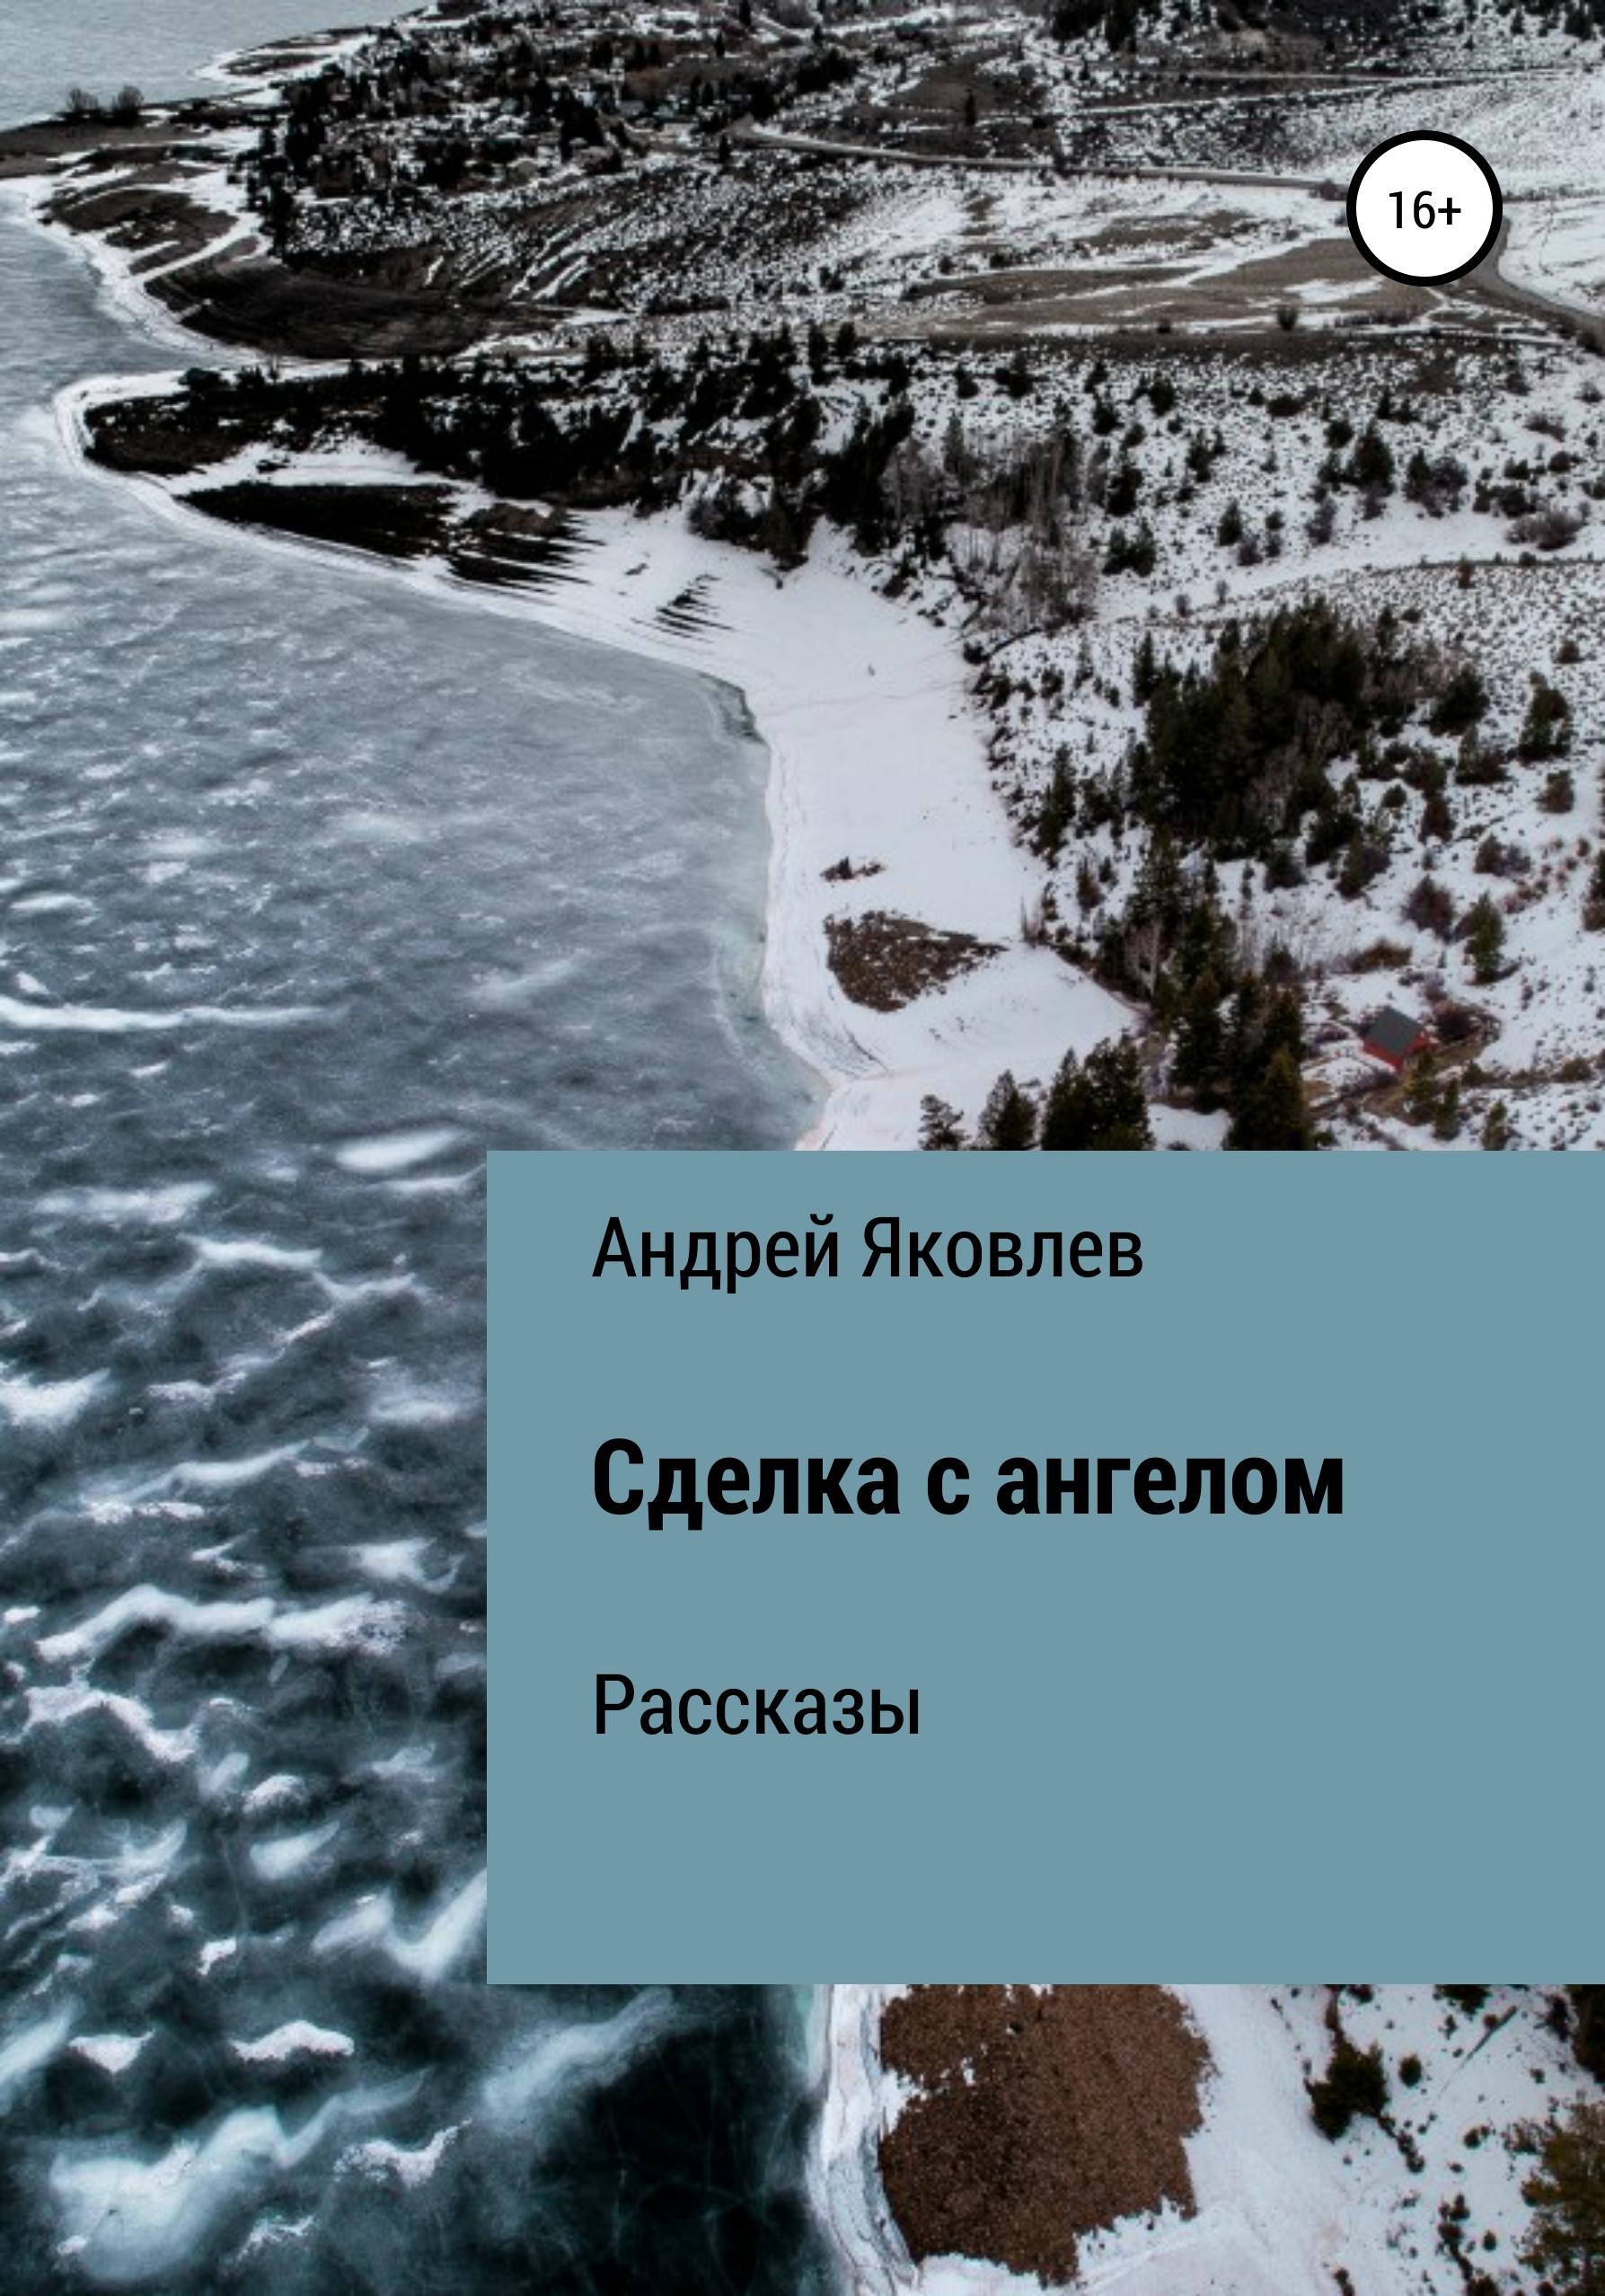 Андрей Владимирович Яковлев Рассказы на одном дыхании